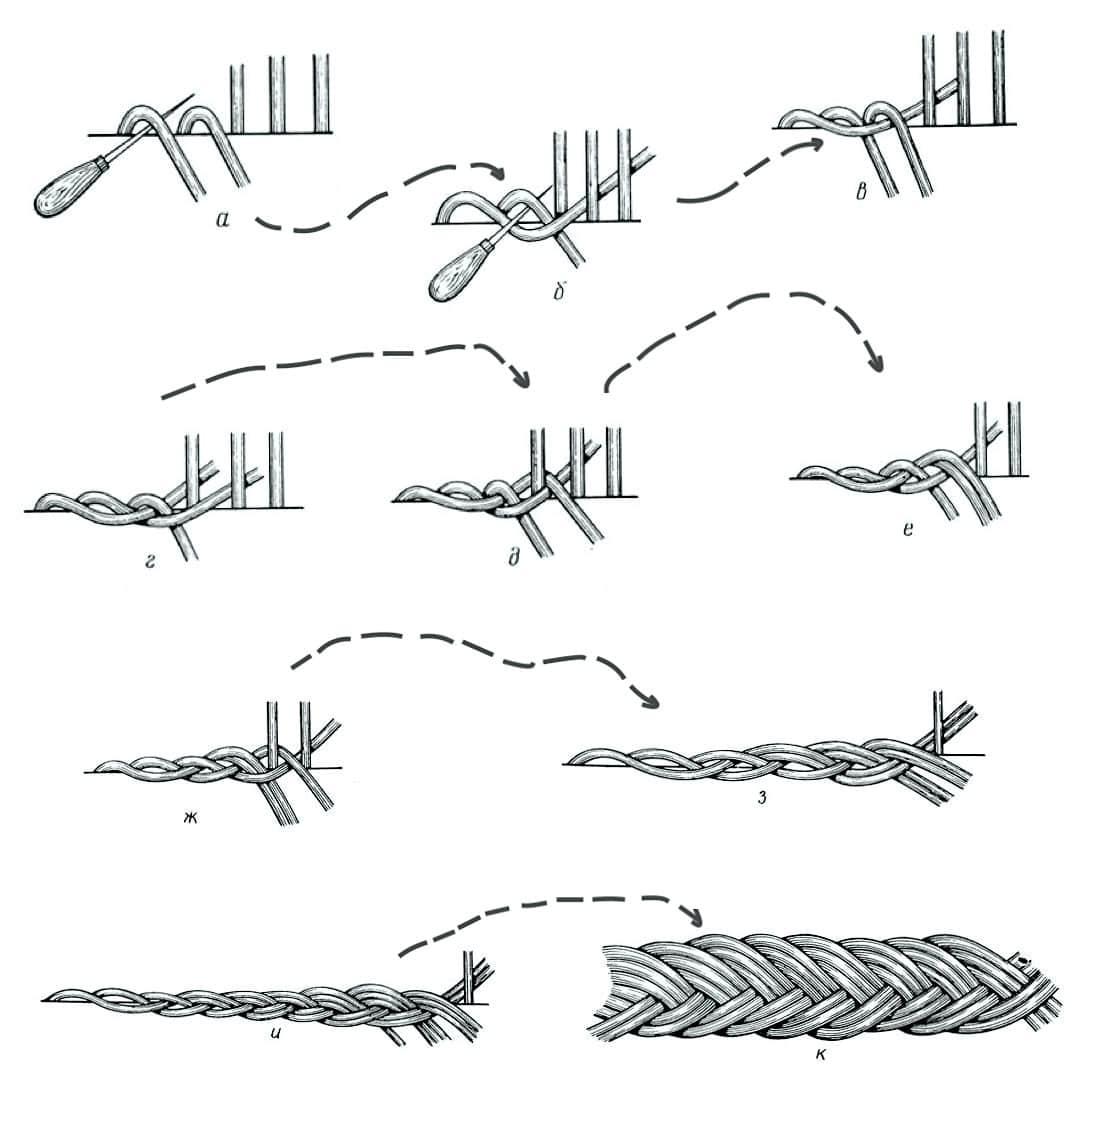 На фото показано как правильно завершать изделие, используя способ плетения косичкой